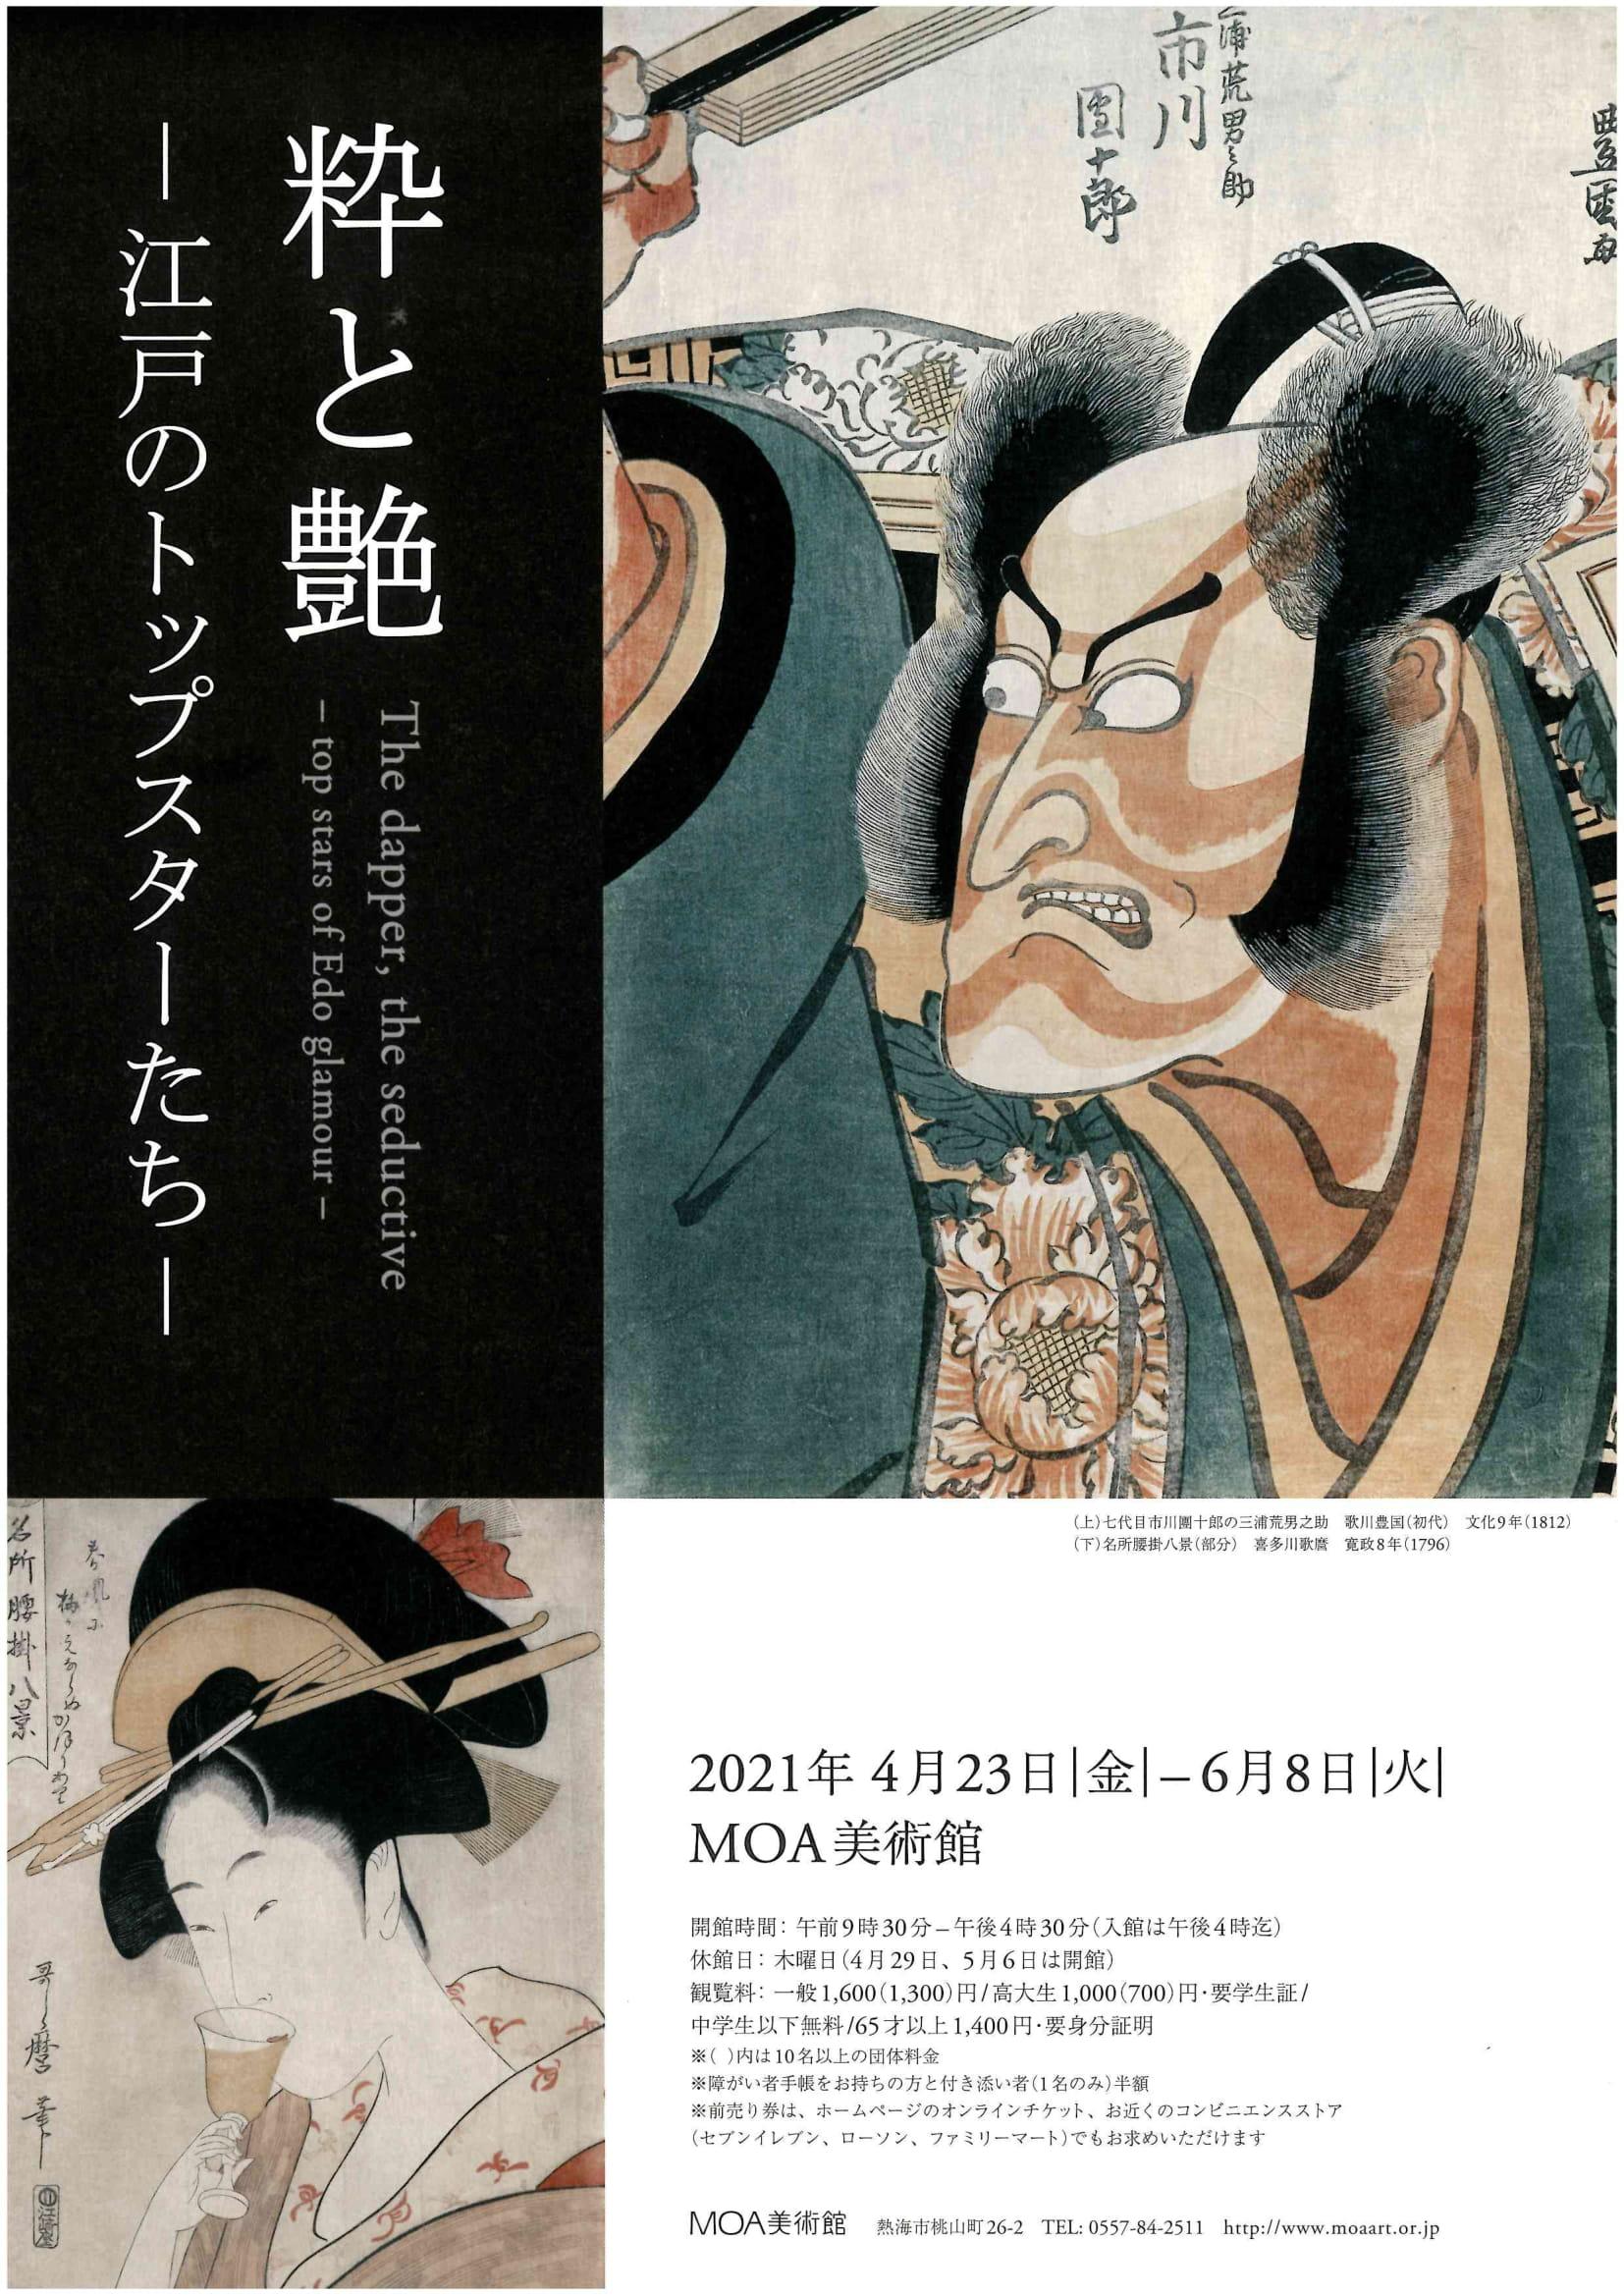 粋と艶 -江戸のトップスターたち- MOA美術館で6/8まで開催